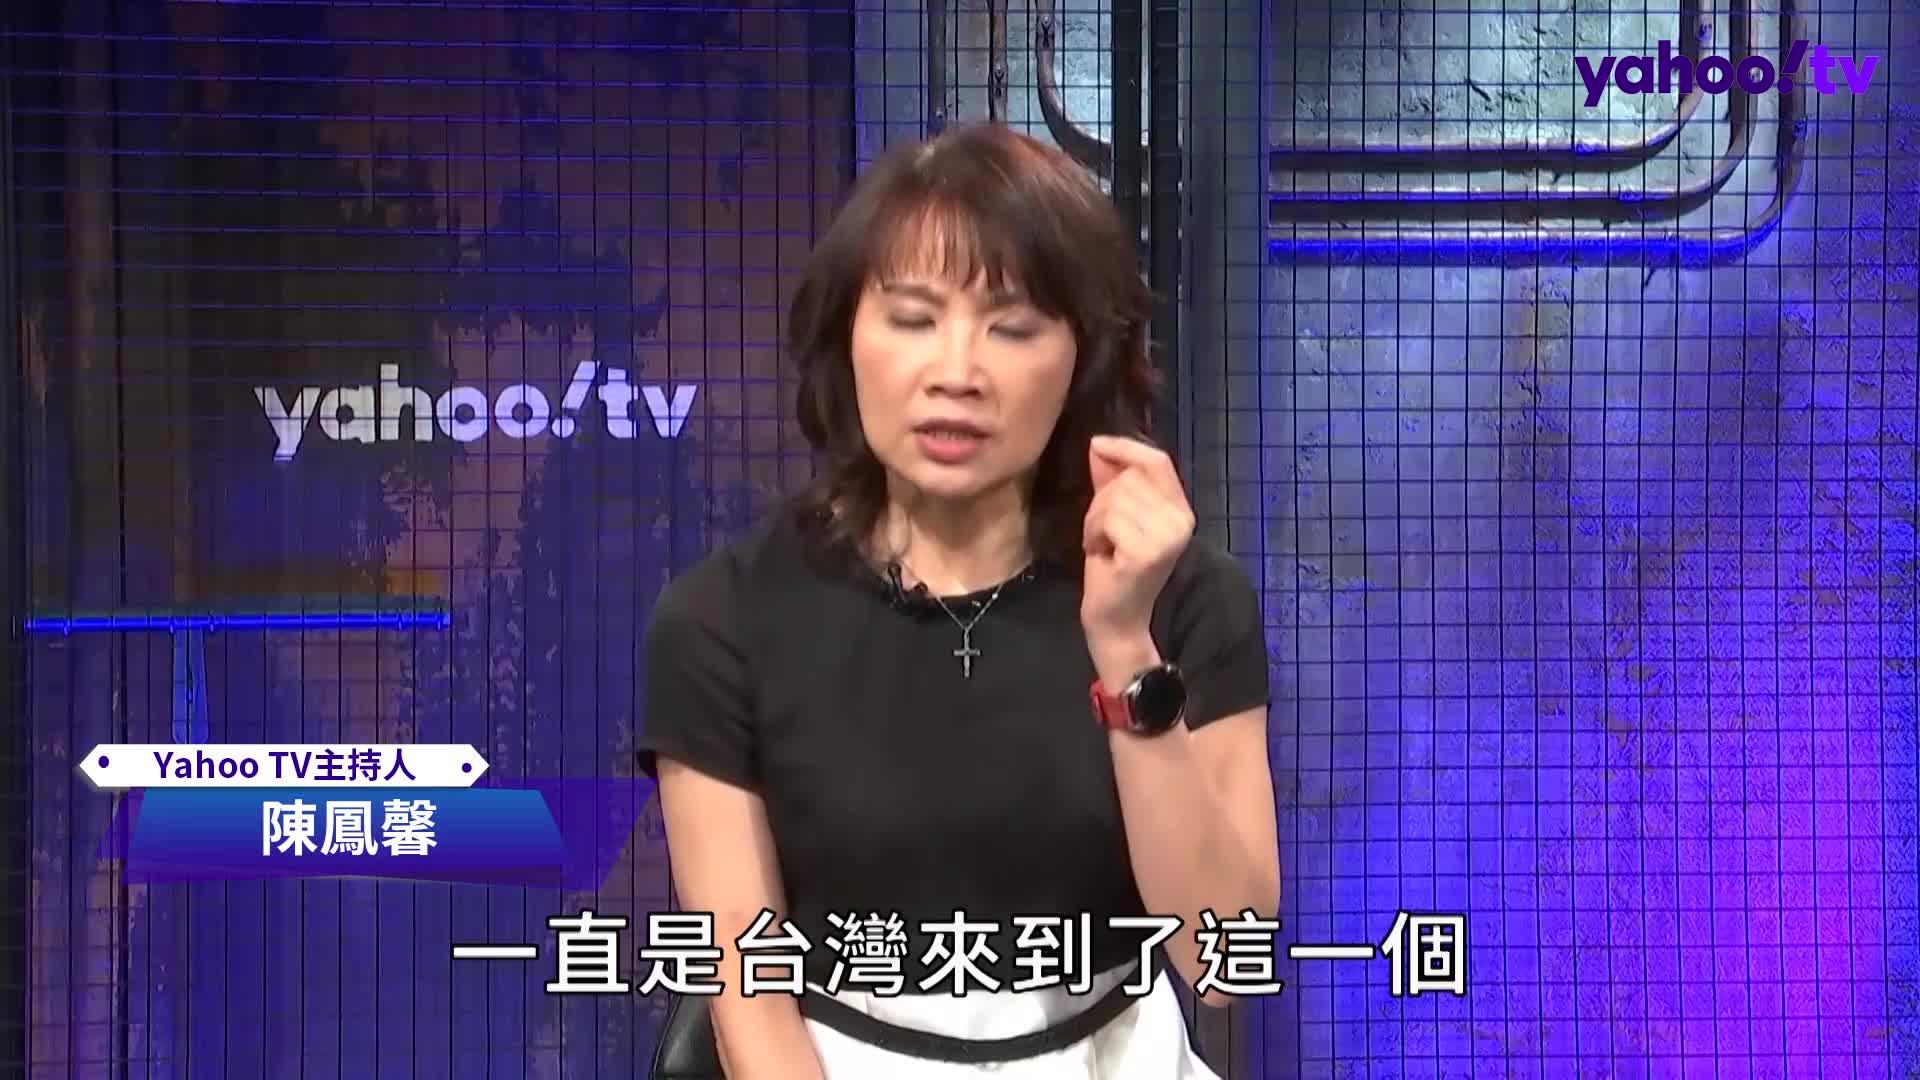 農田水利會收歸國有?陳鳳馨痛批:「搶奪民產莫此為甚。」